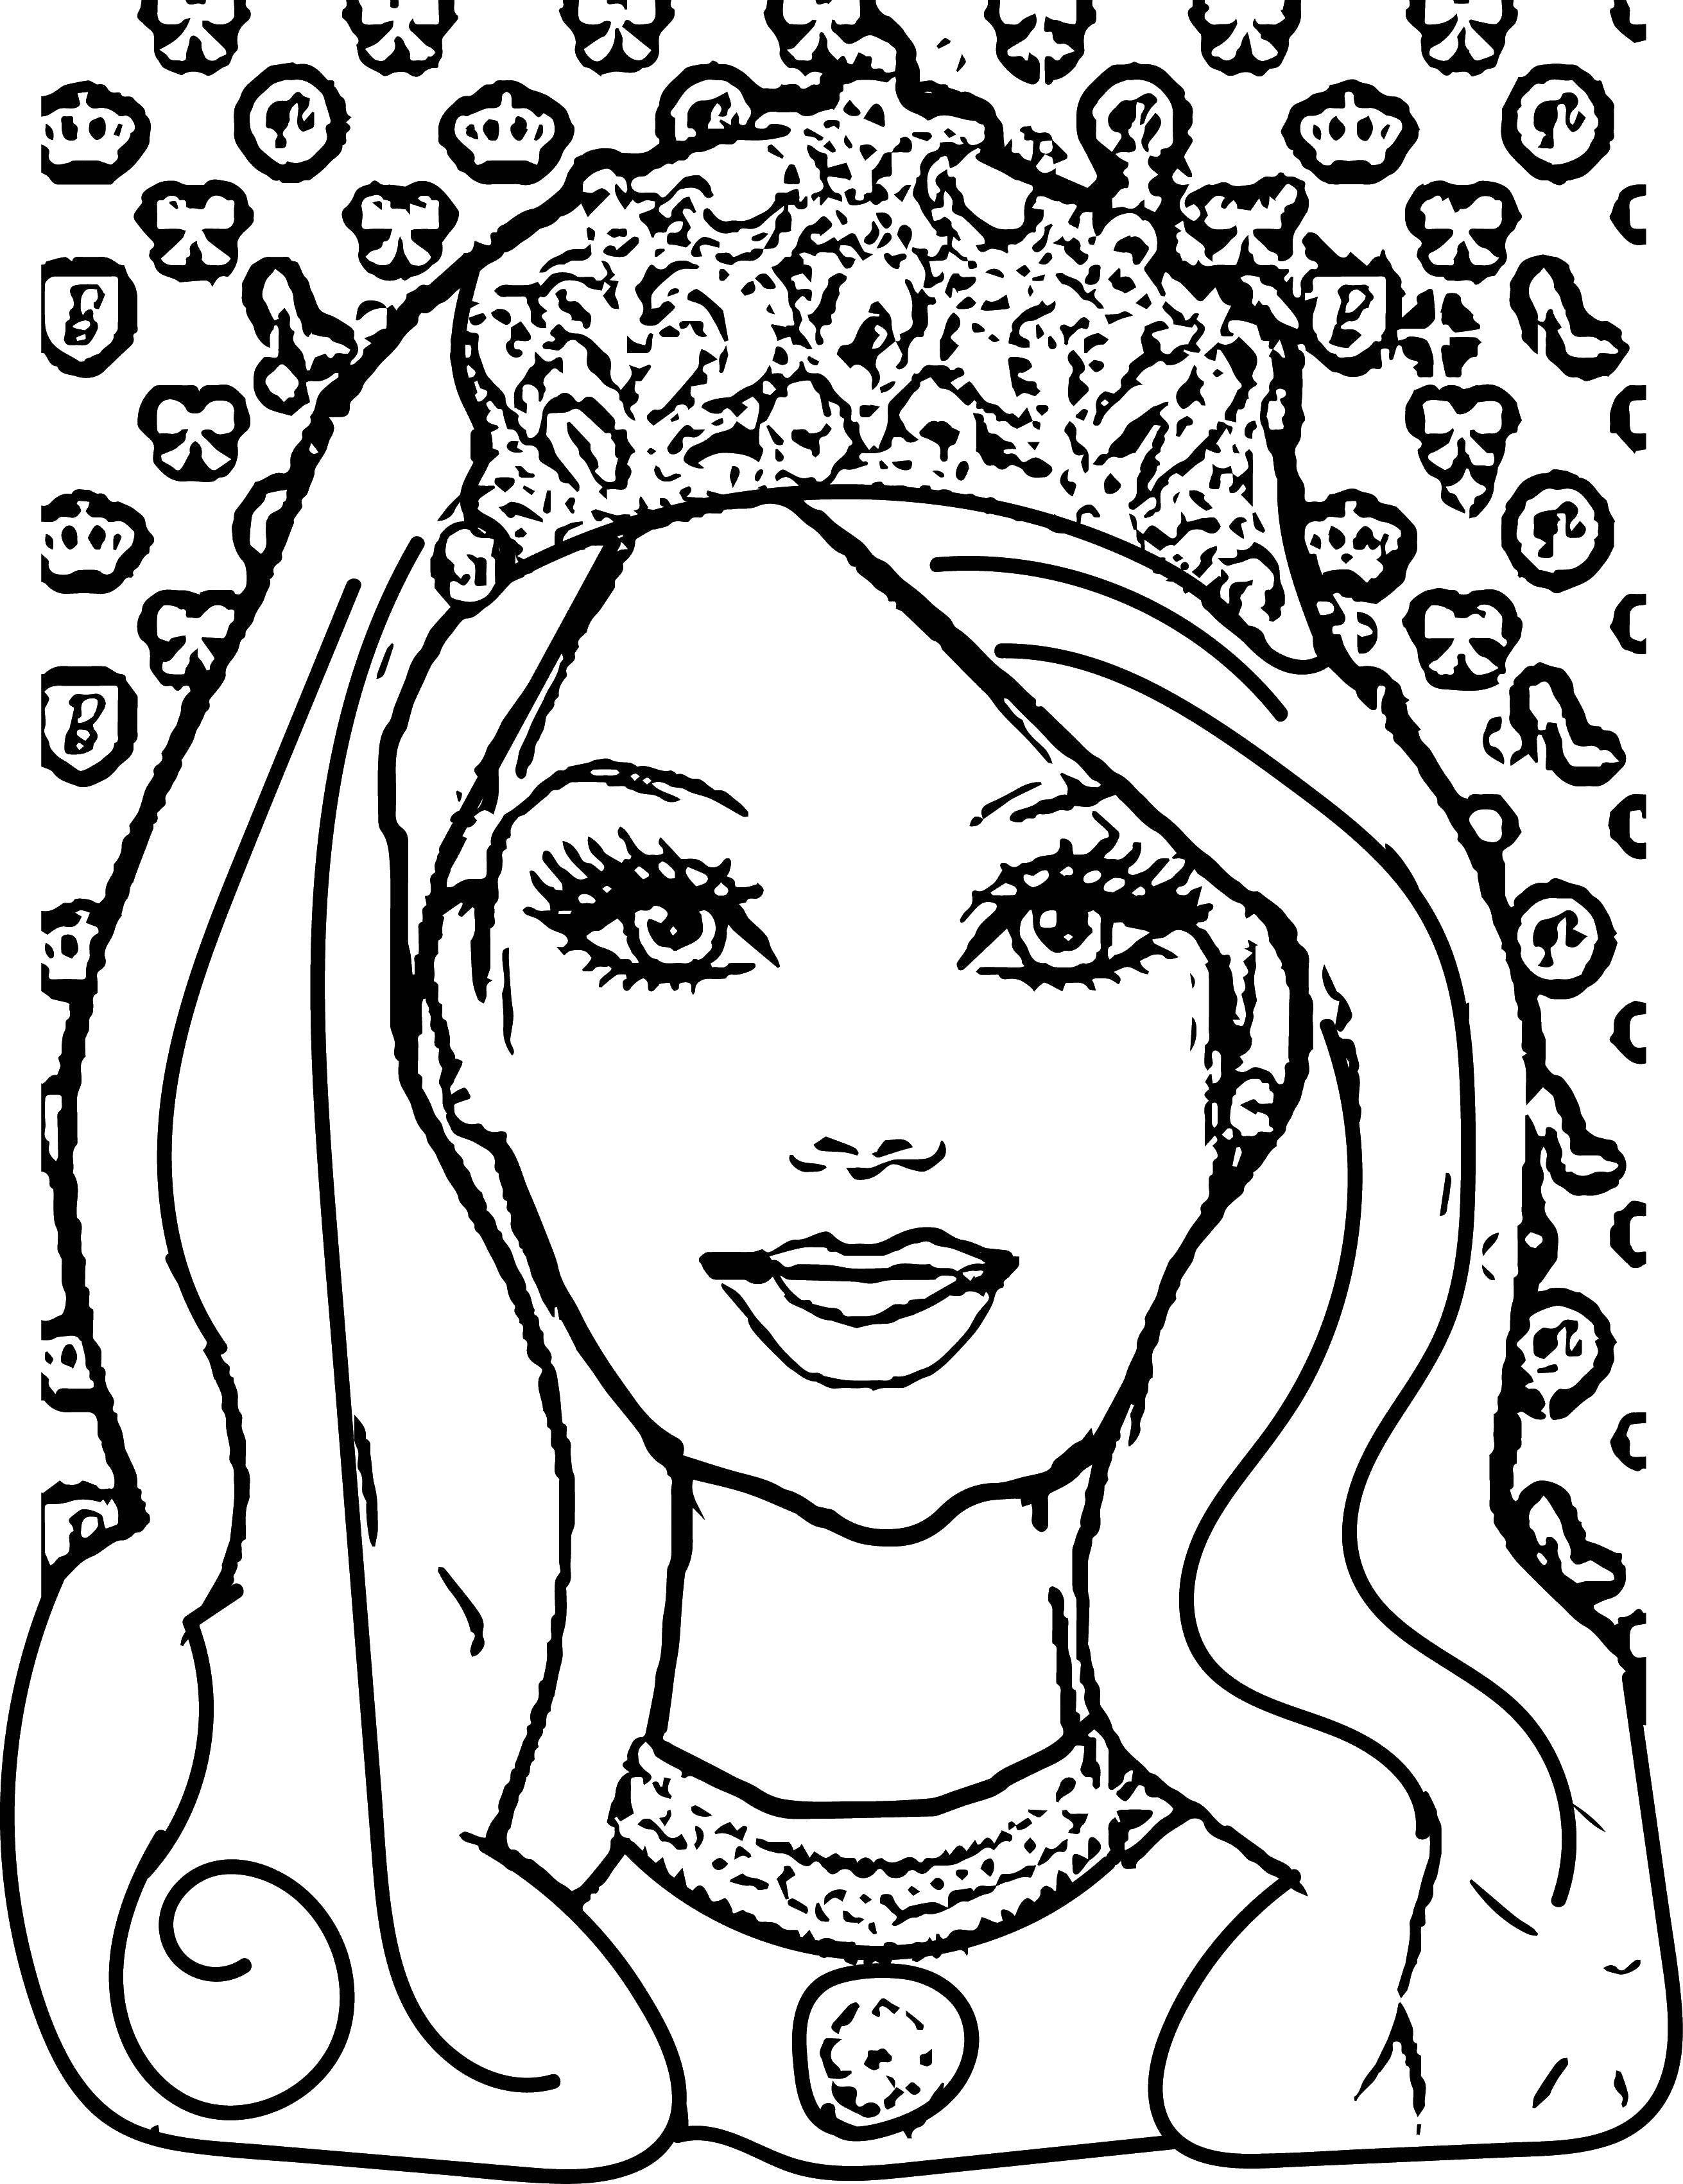 Раскраски барби, Раскраска Барби художница Барби.